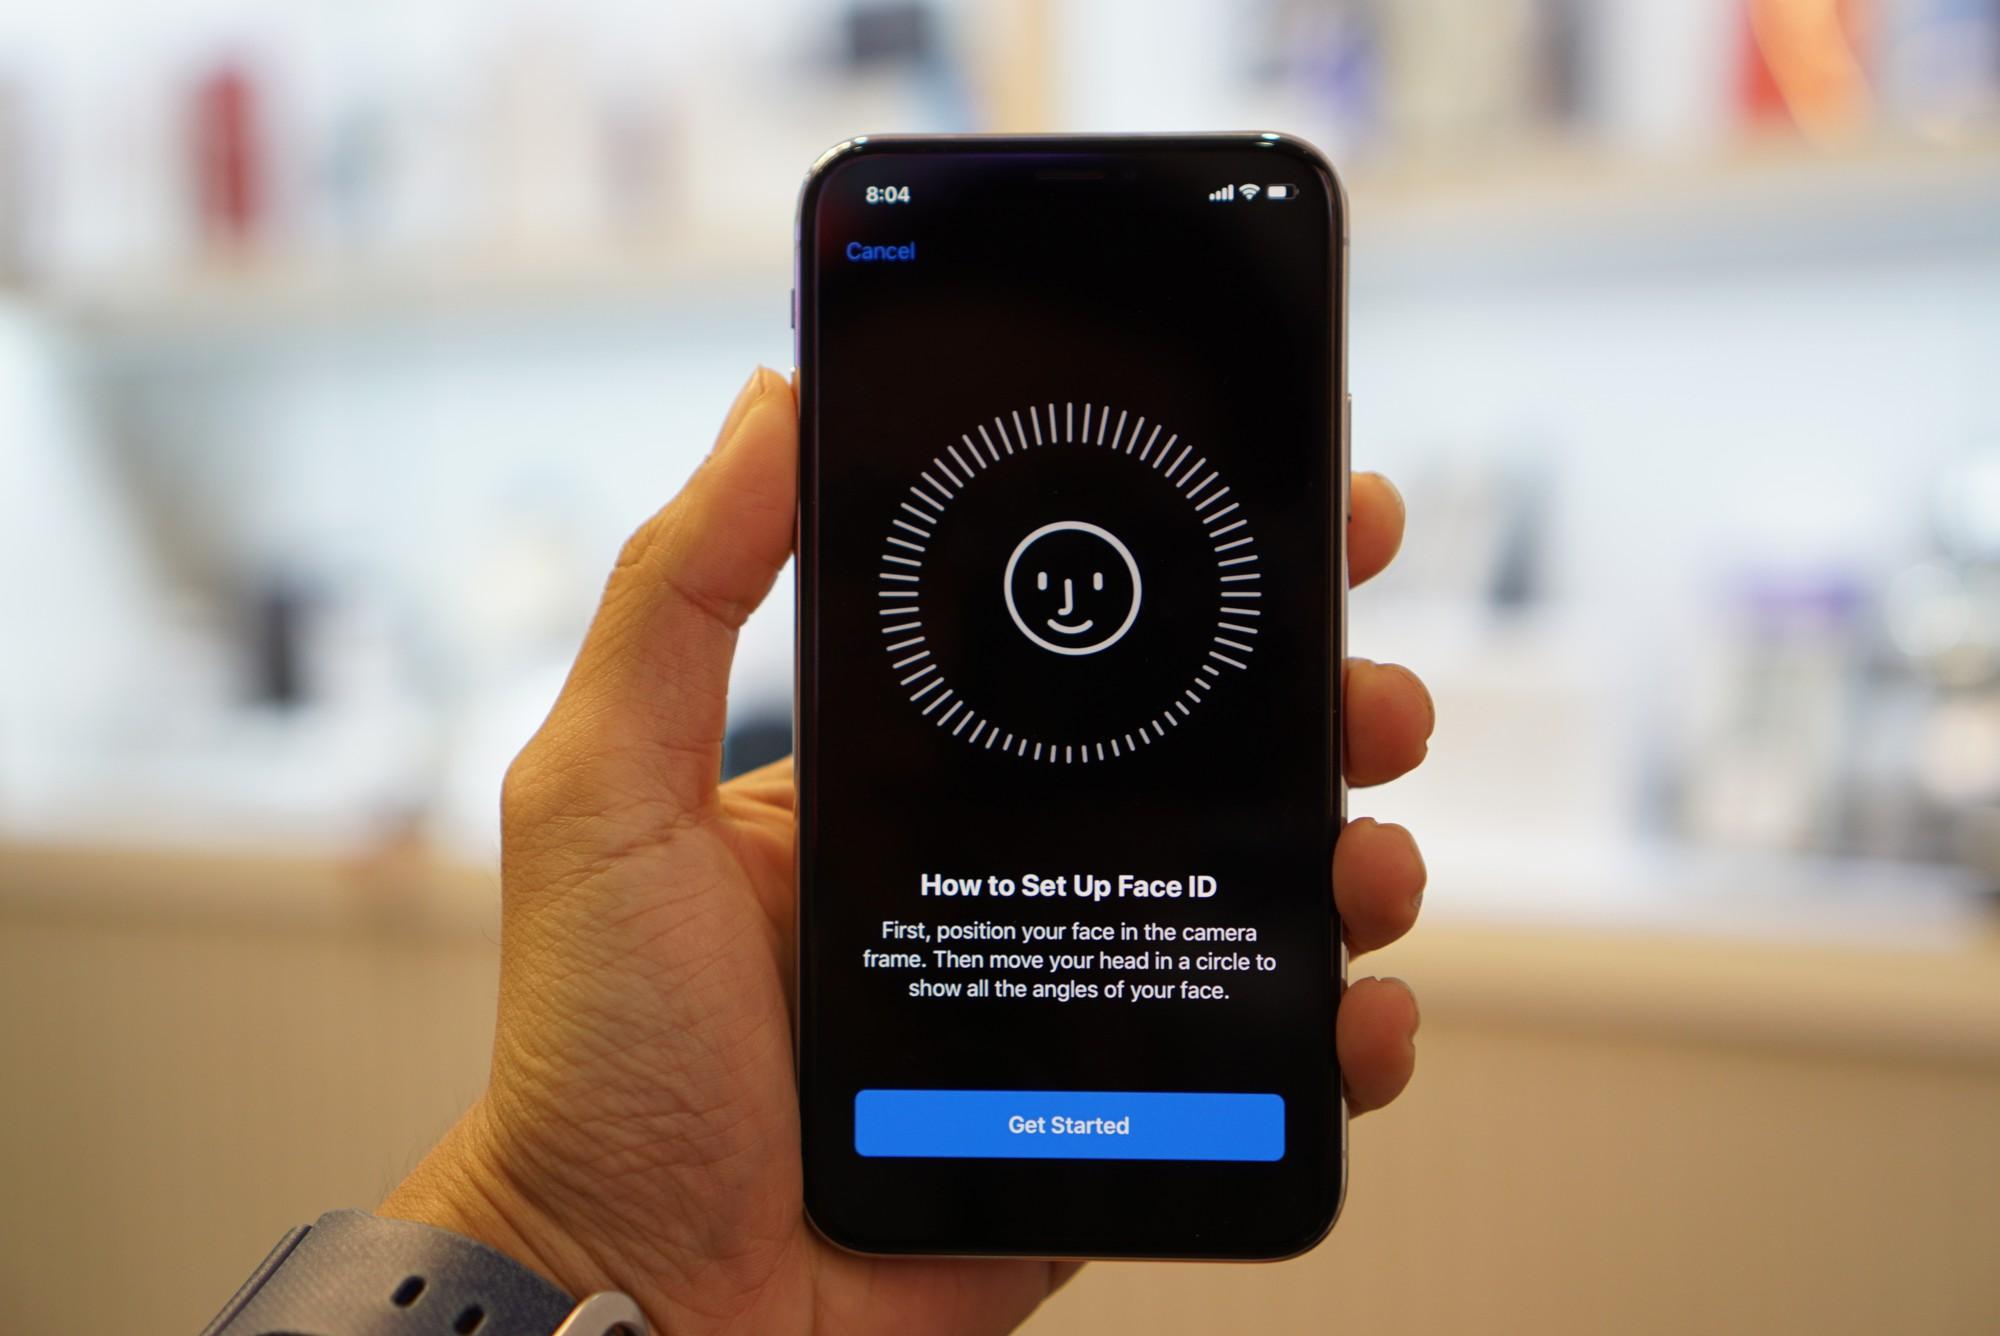 iPhone X giá 68 triệu đây rồi: Màn hình đẹp sắc sảo, thiết kế toàn diện, thao tác hoàn toàn mới - Ảnh 12.